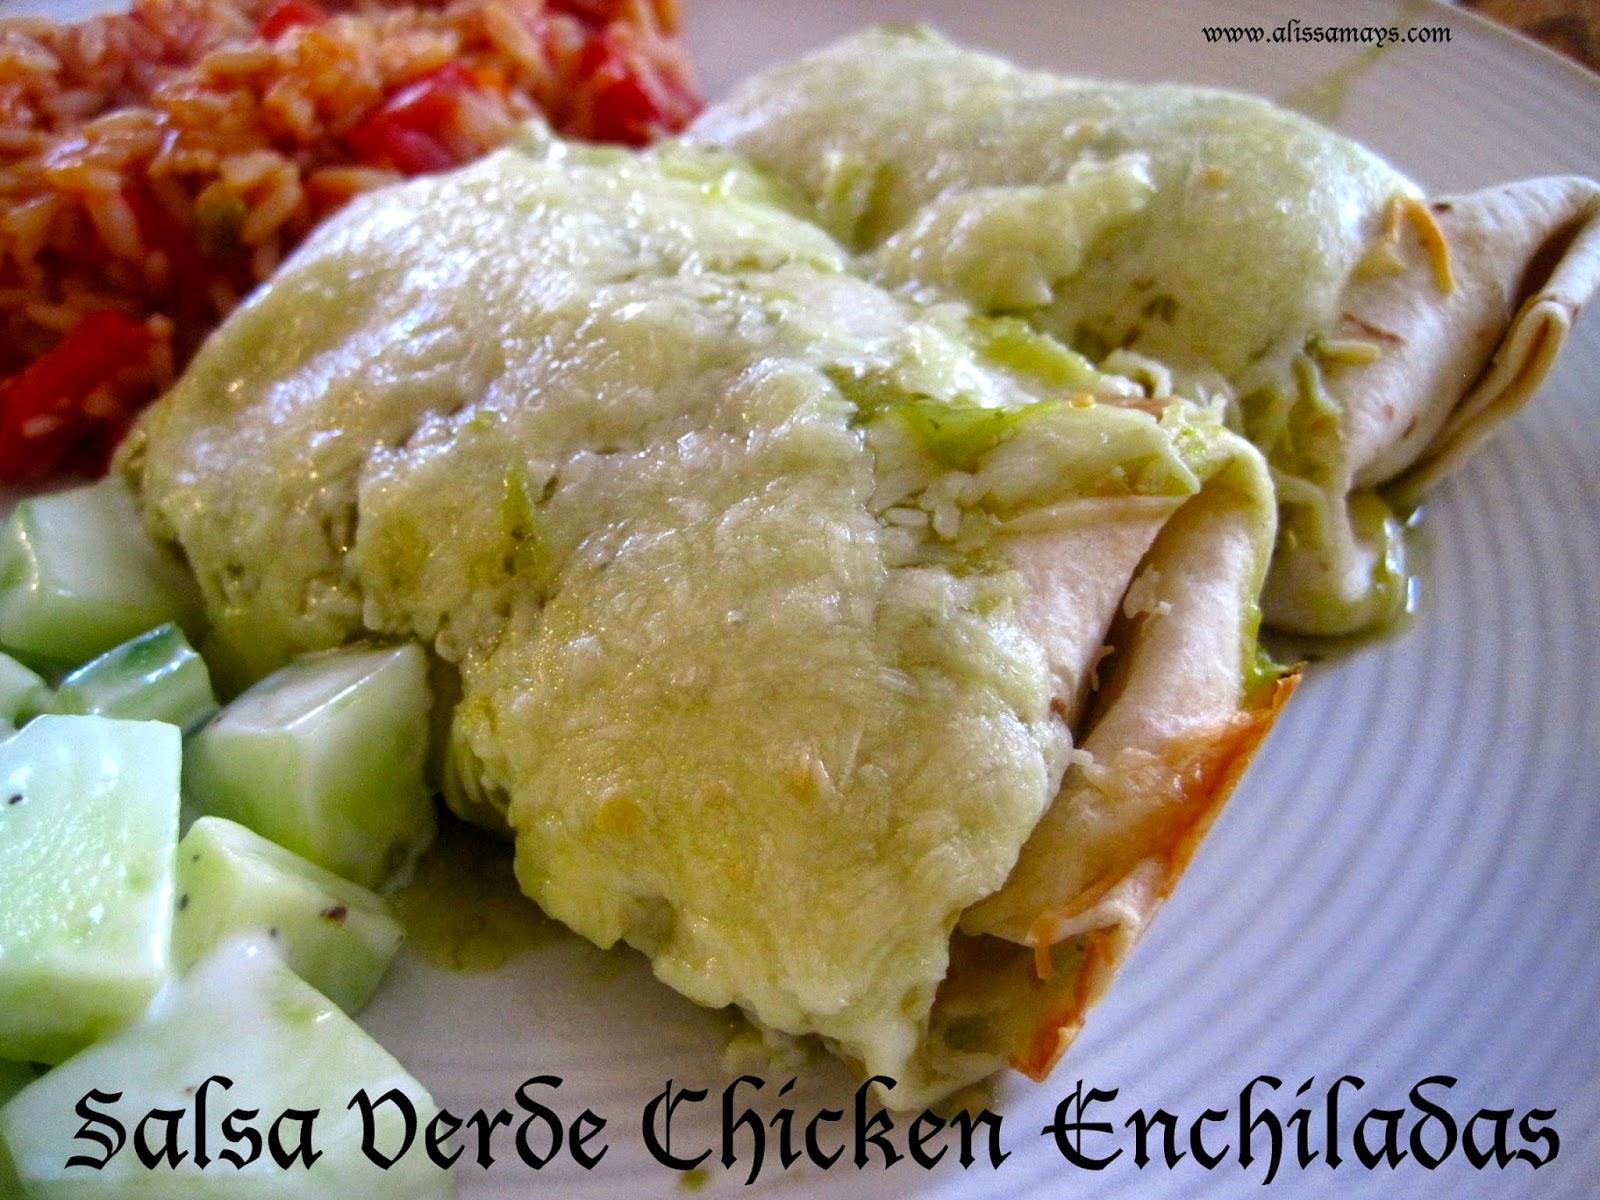 Alissamay's: Salsa Verde Chicken Enchiladas